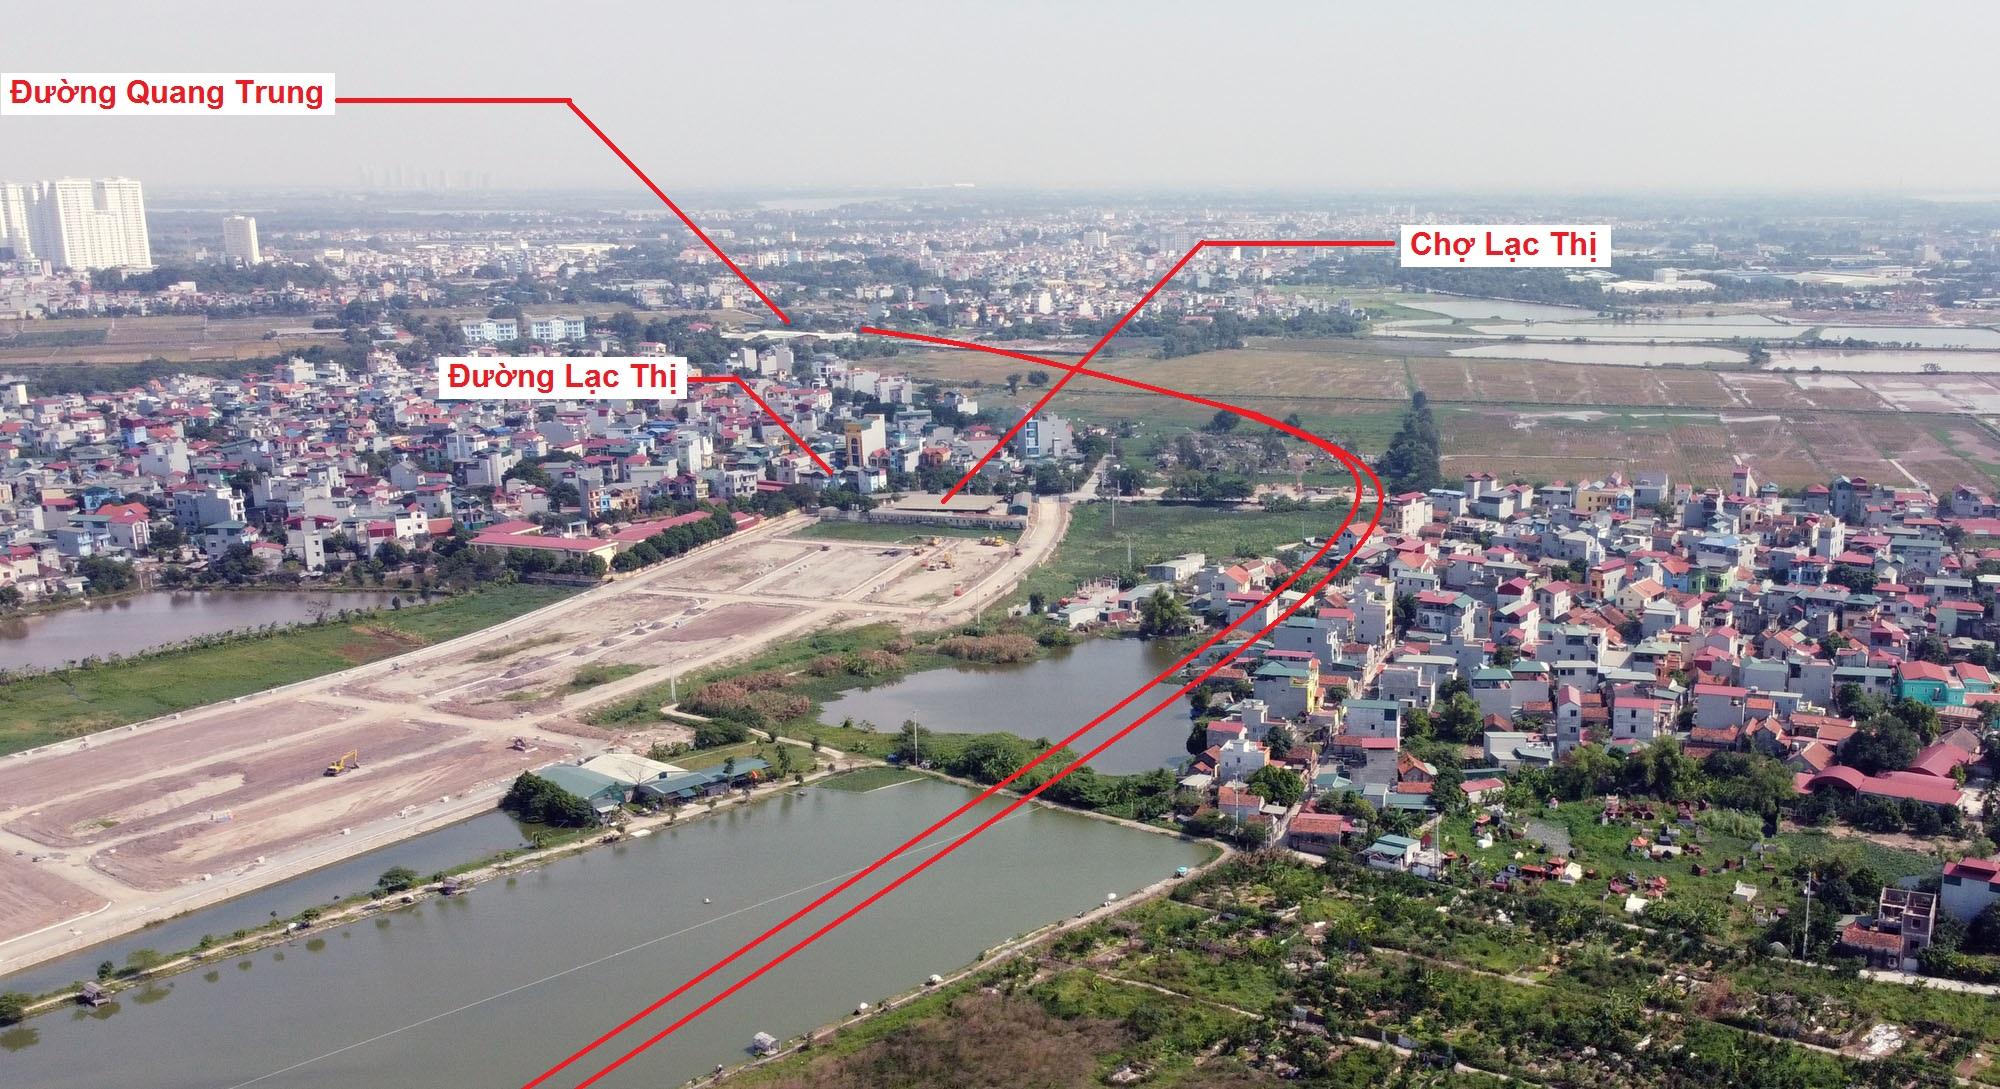 Ba đường sẽ mở theo quy hoạch ở xã Ngọc Hồi, Thanh Trì, Hà Nội - Ảnh 5.